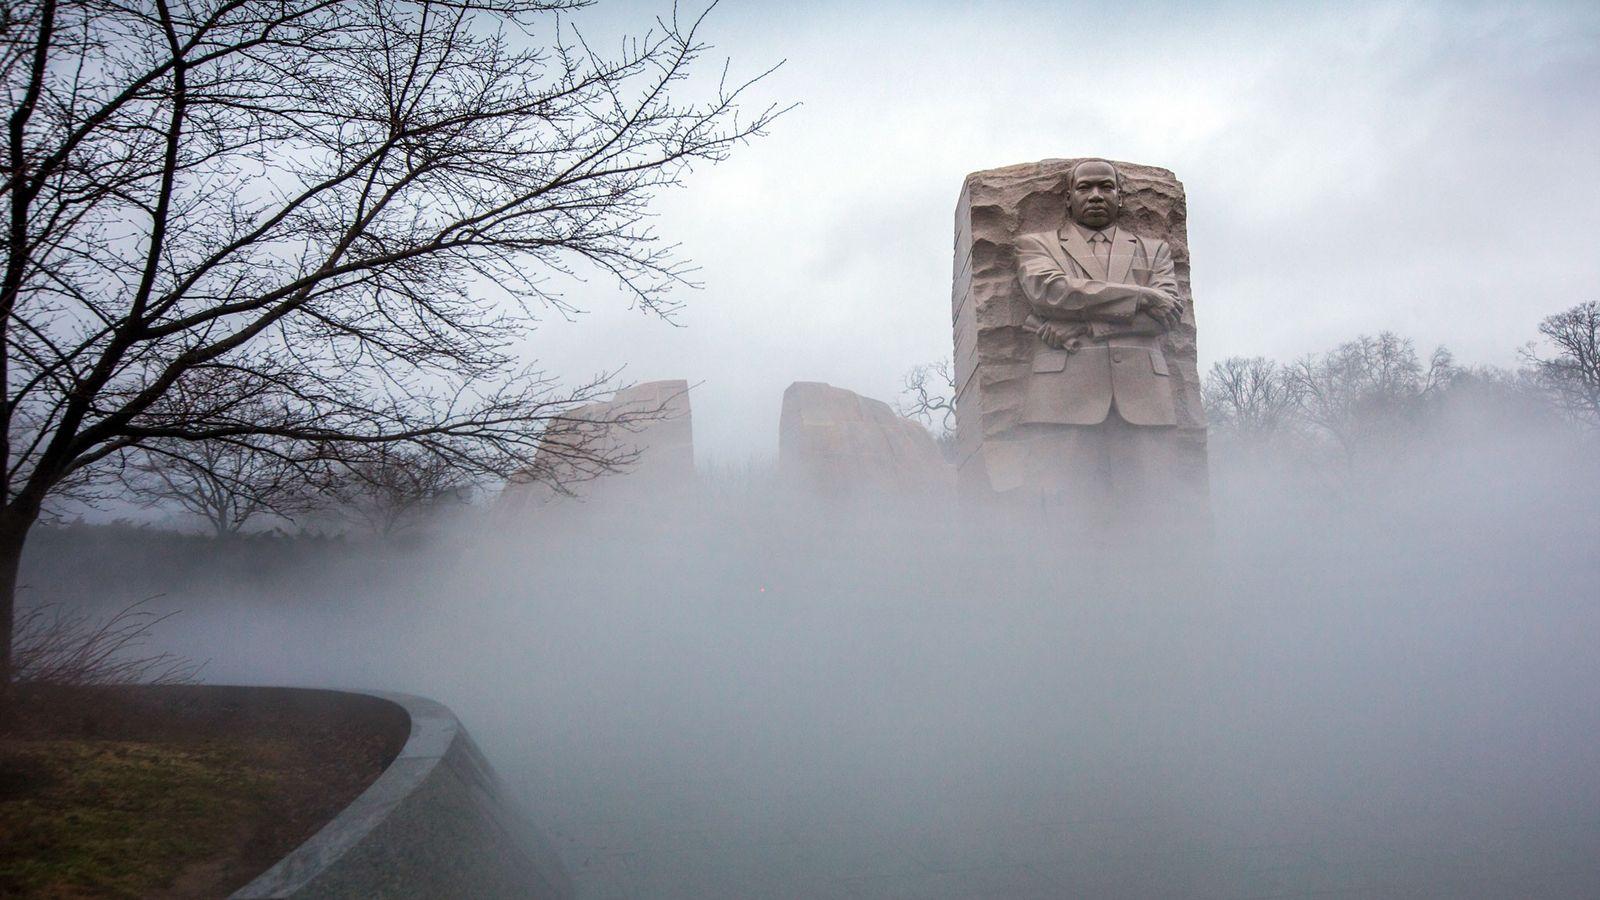 Le brouillard entoure le mémorial Martin Luther King Jr. à Washington, vendredi 12 janvier 2018.